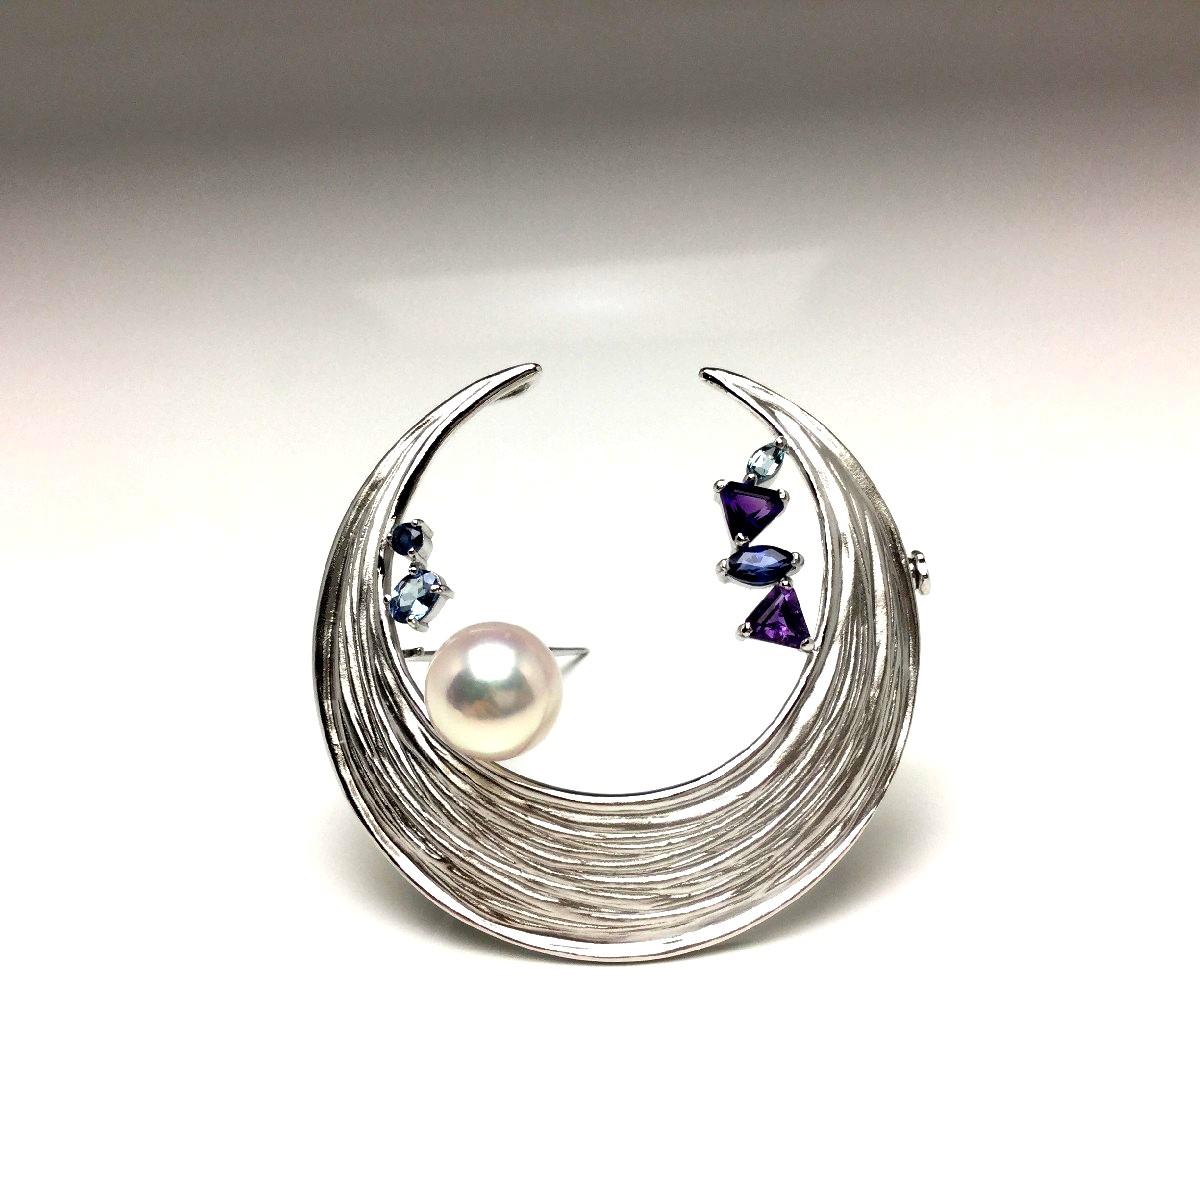 真珠 ブローチ パール アコヤ真珠 9.2mm ホワイトピンク シルバー 天然石 ムーン 67037 イソワパール